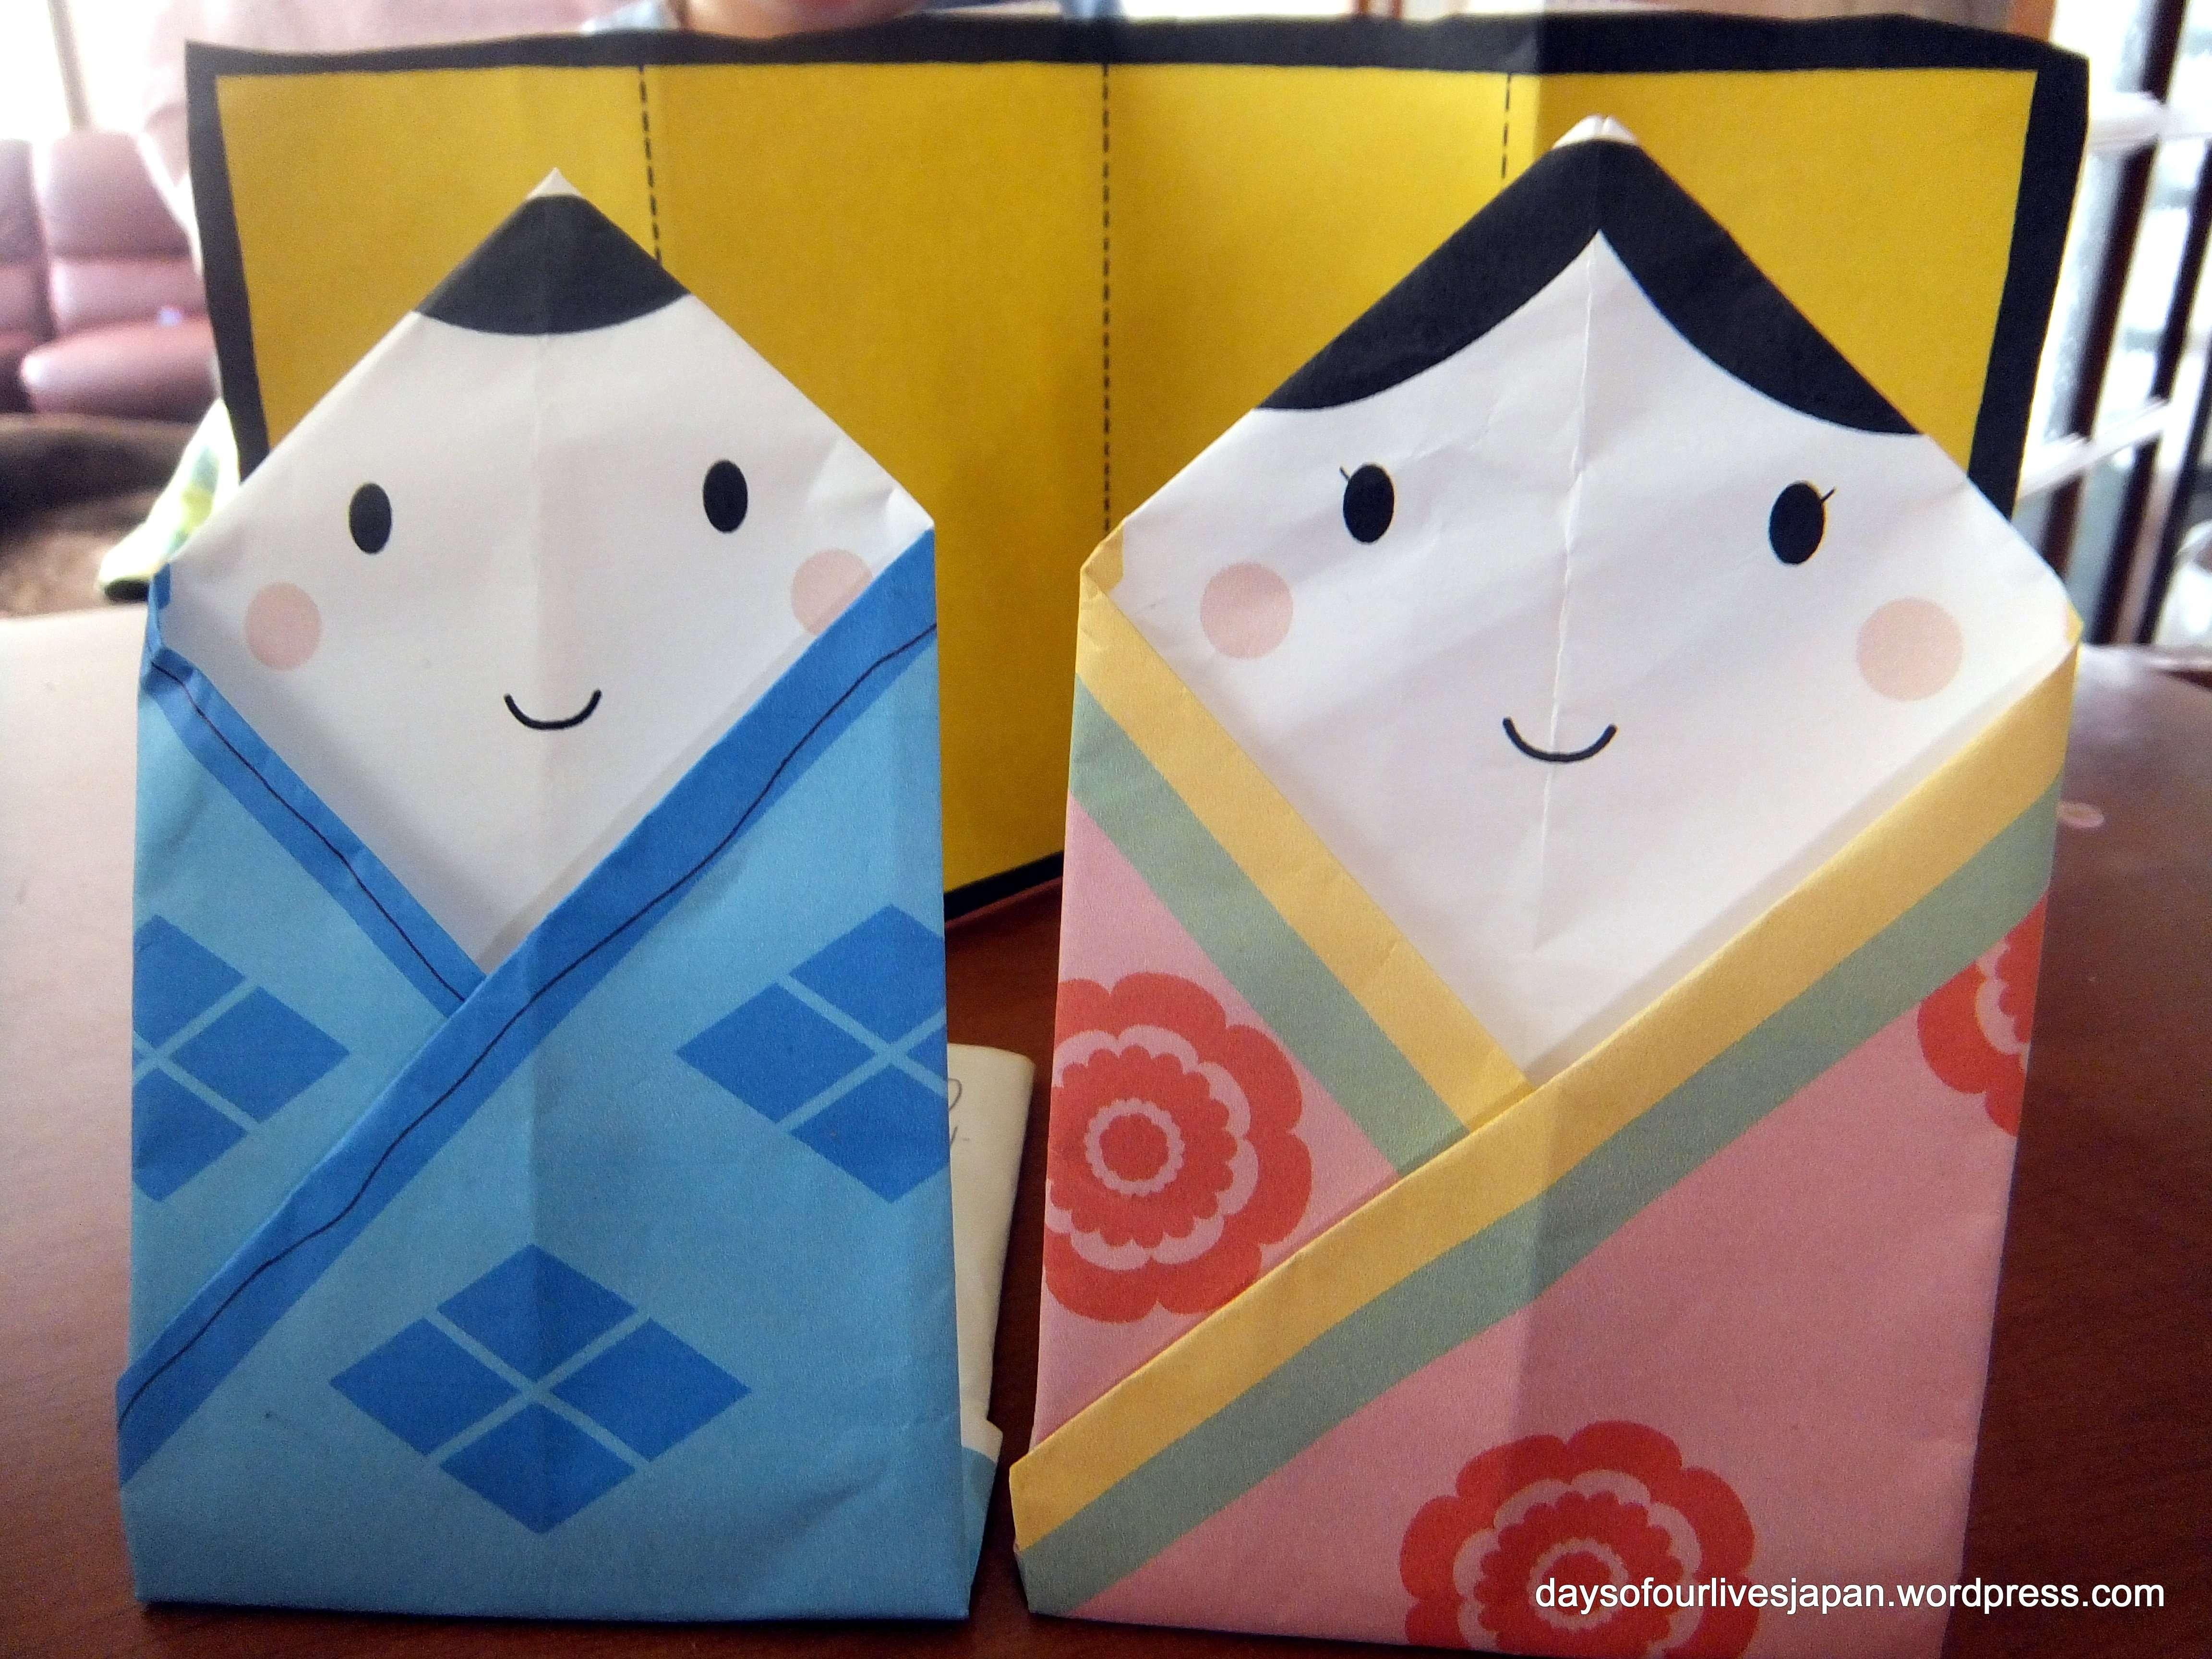 origami dolls for hina matsuri